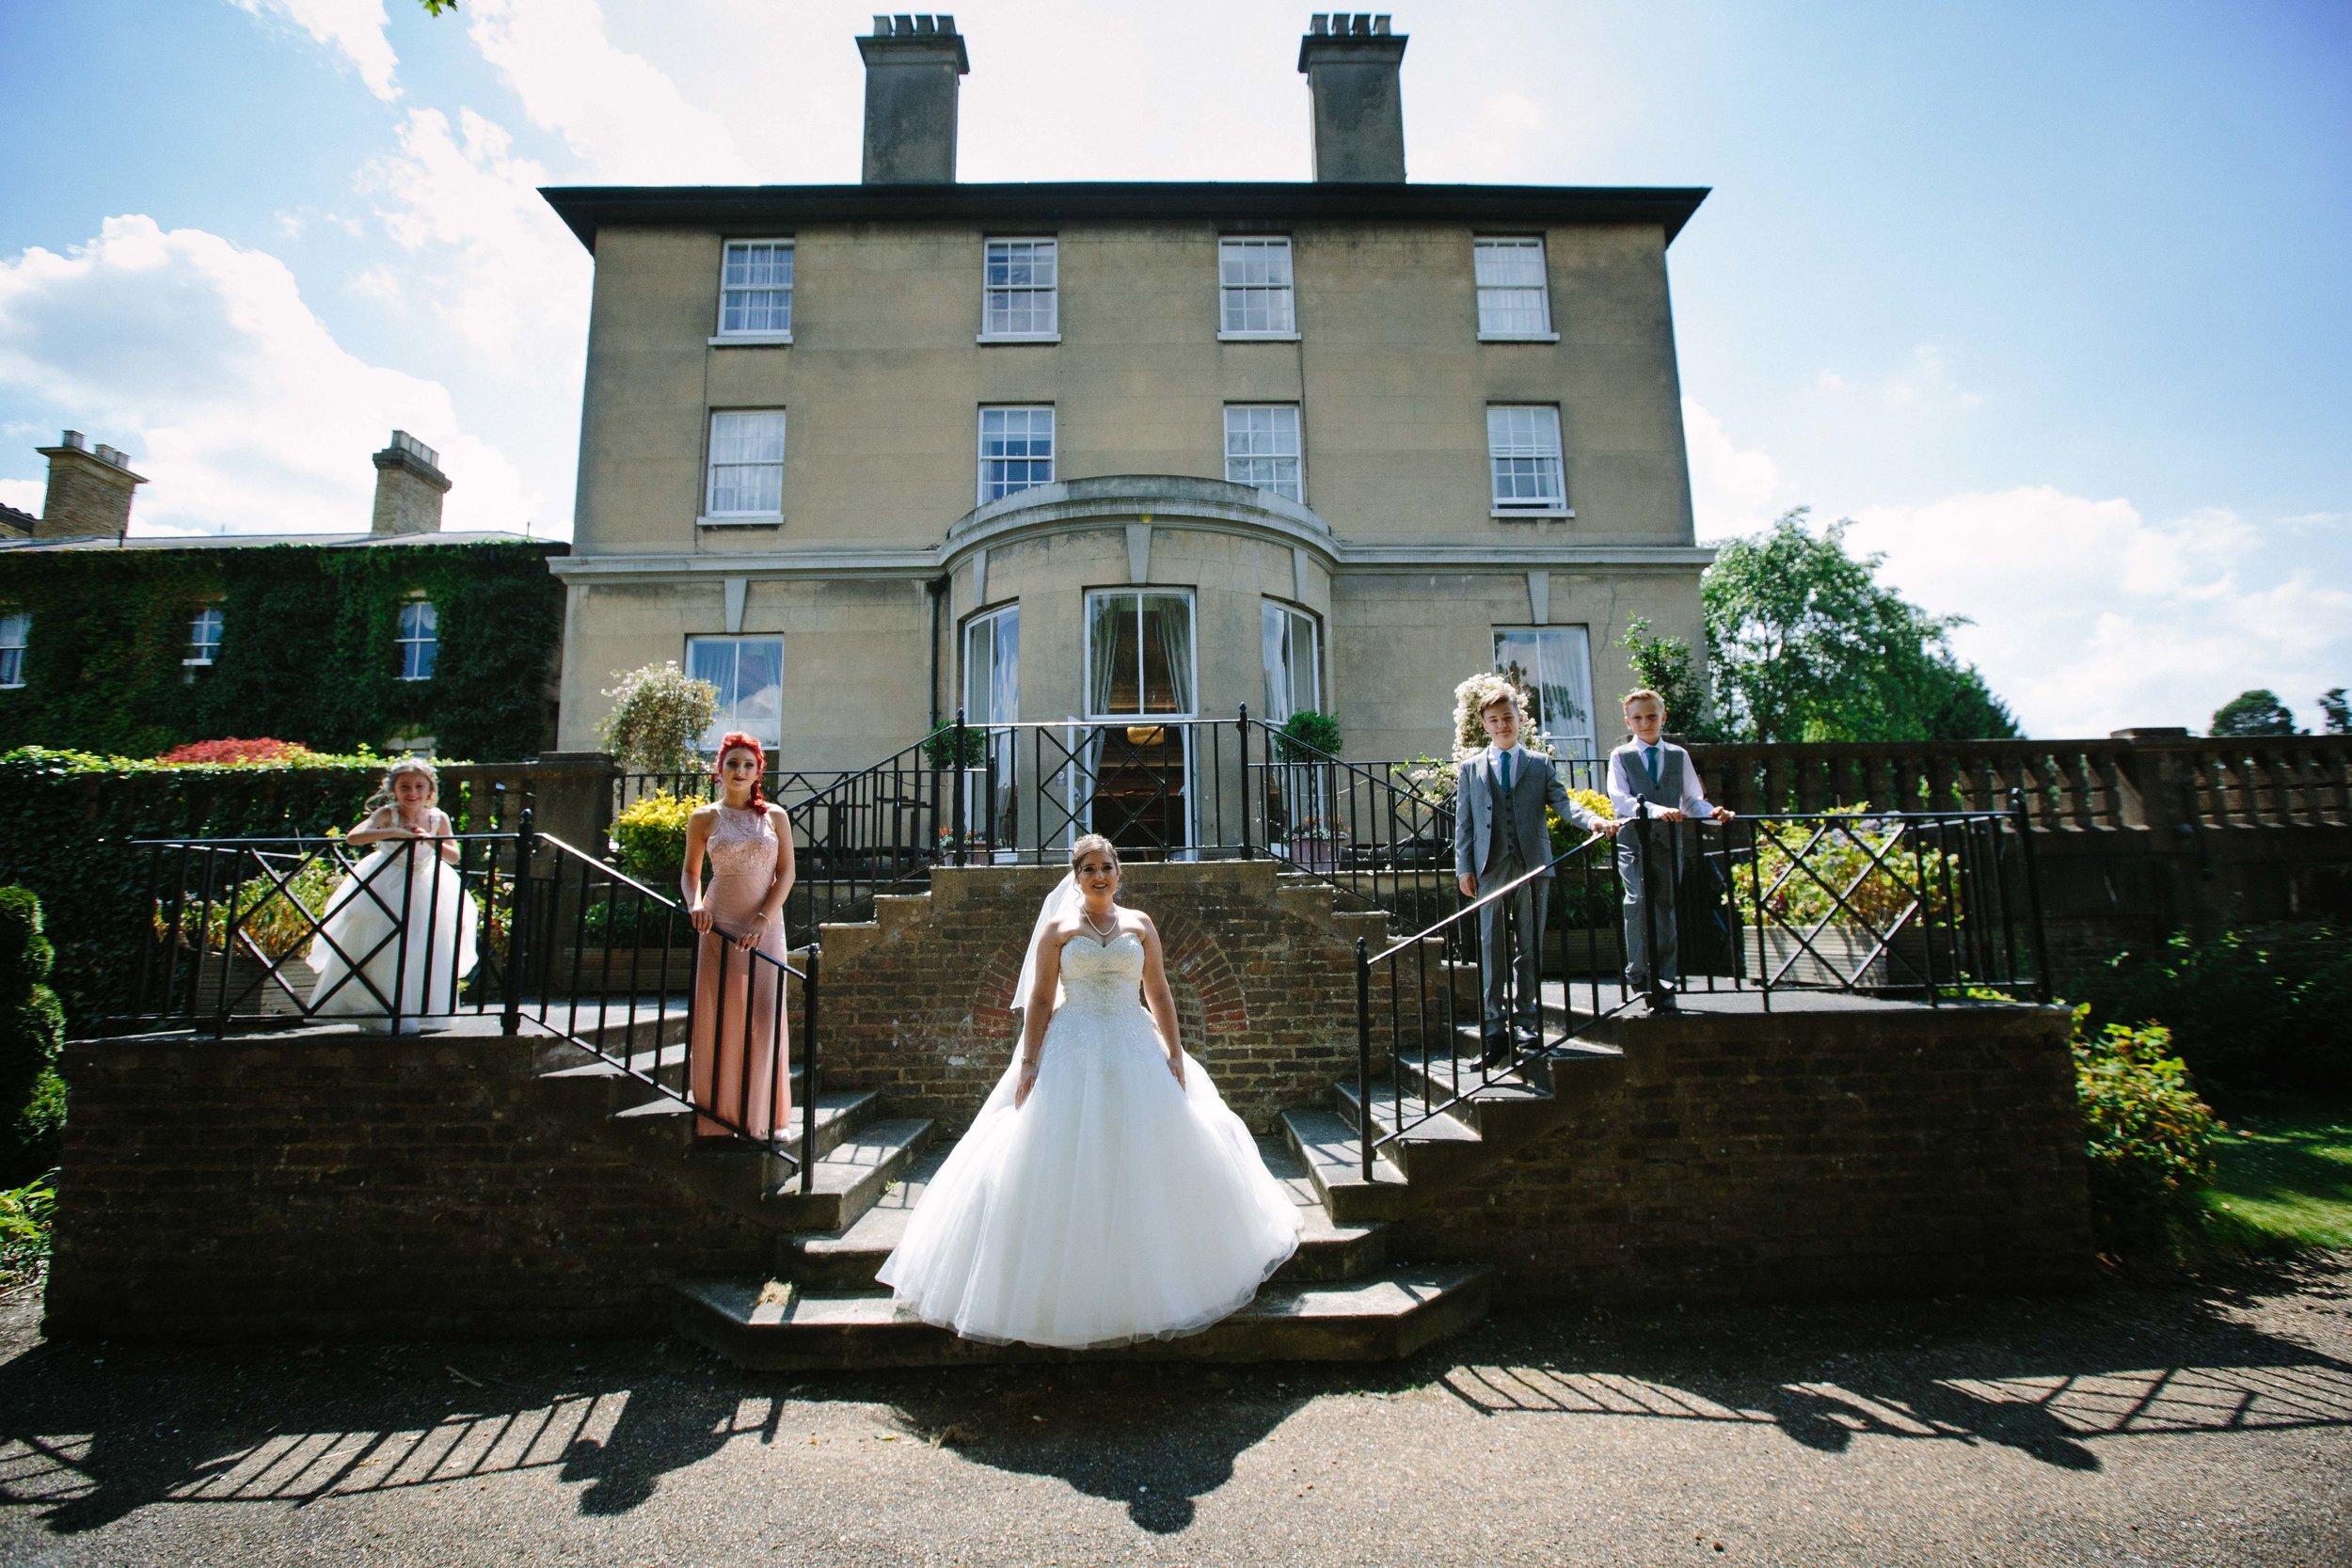 HamptonCourt-Wedding-Weybridge-Surrey-London-OatlandsParkHotel-12